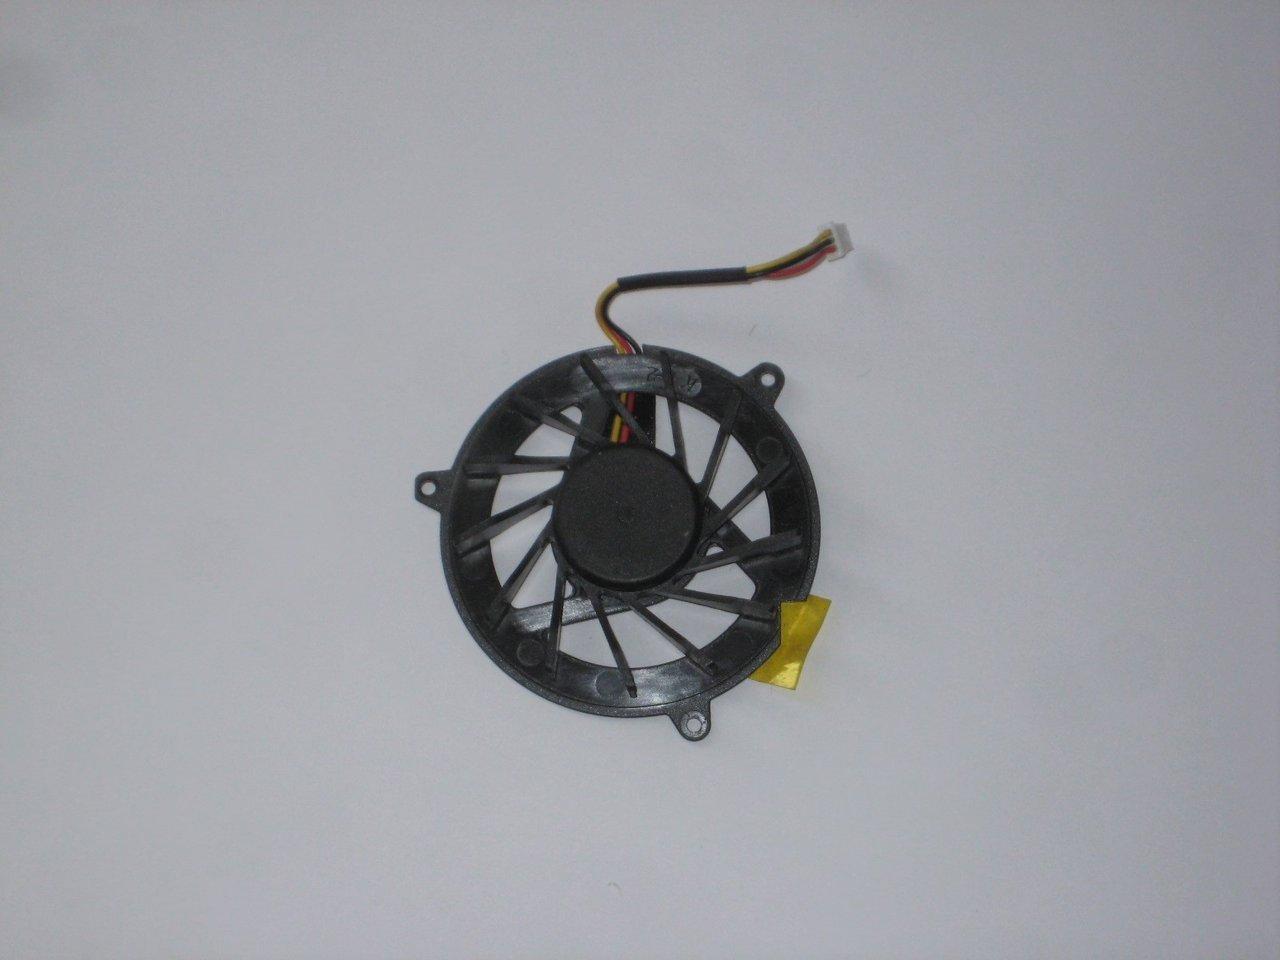 Sunon GC055515VH-A Kühler Lüfter für ACER Notebook